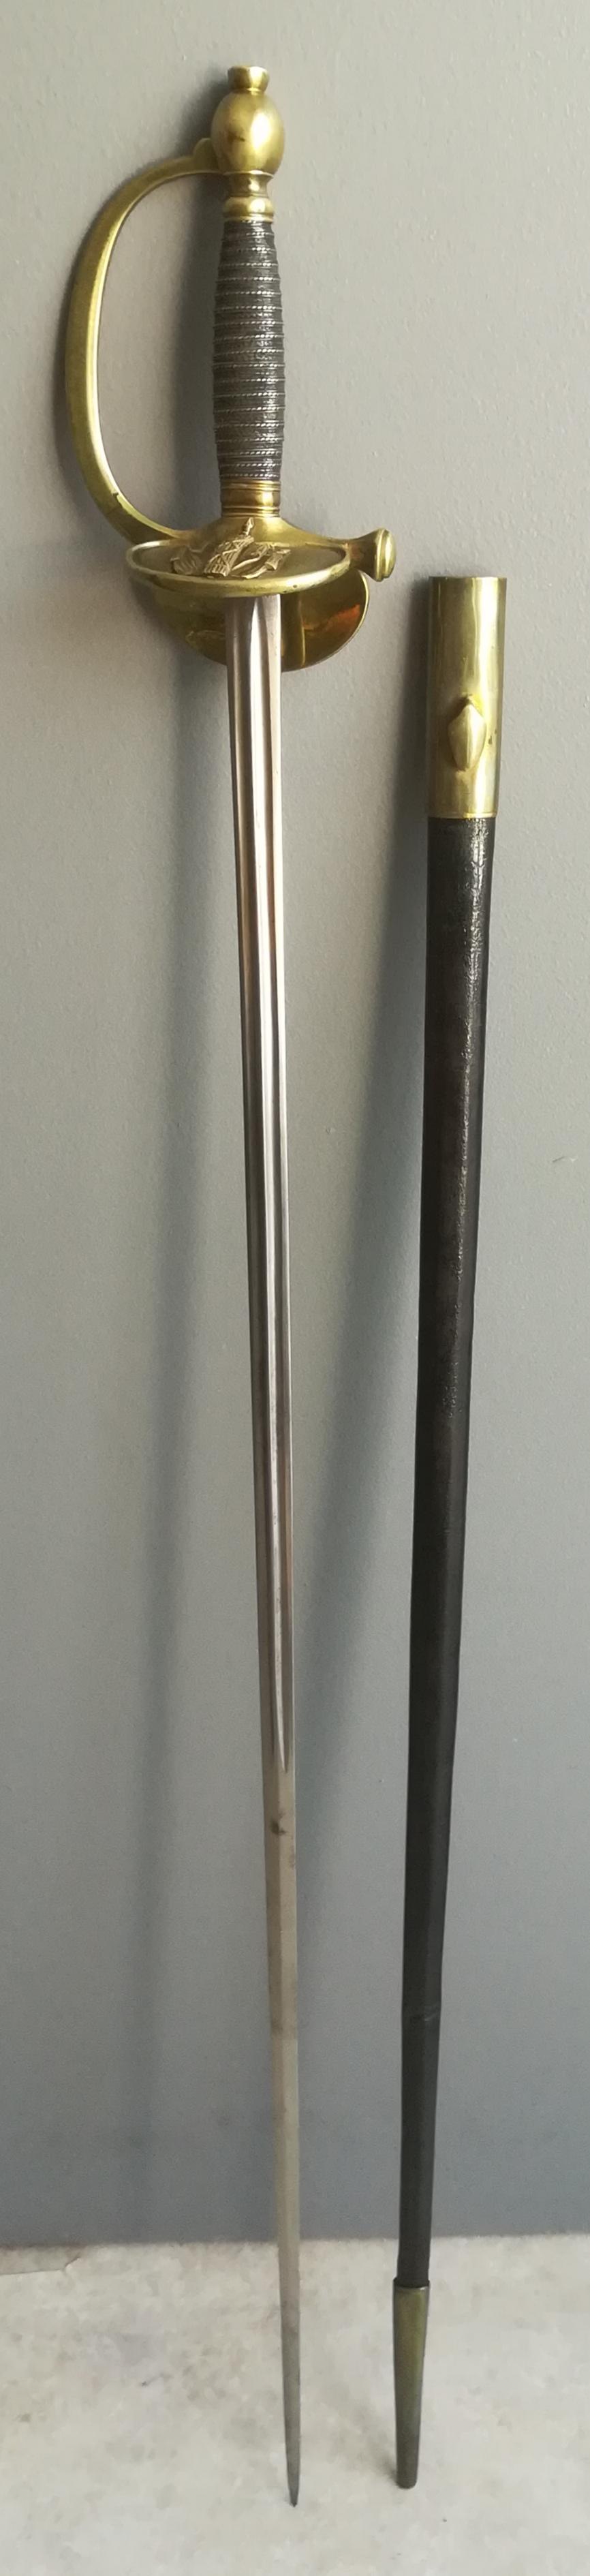 identification épée française . Img_2125